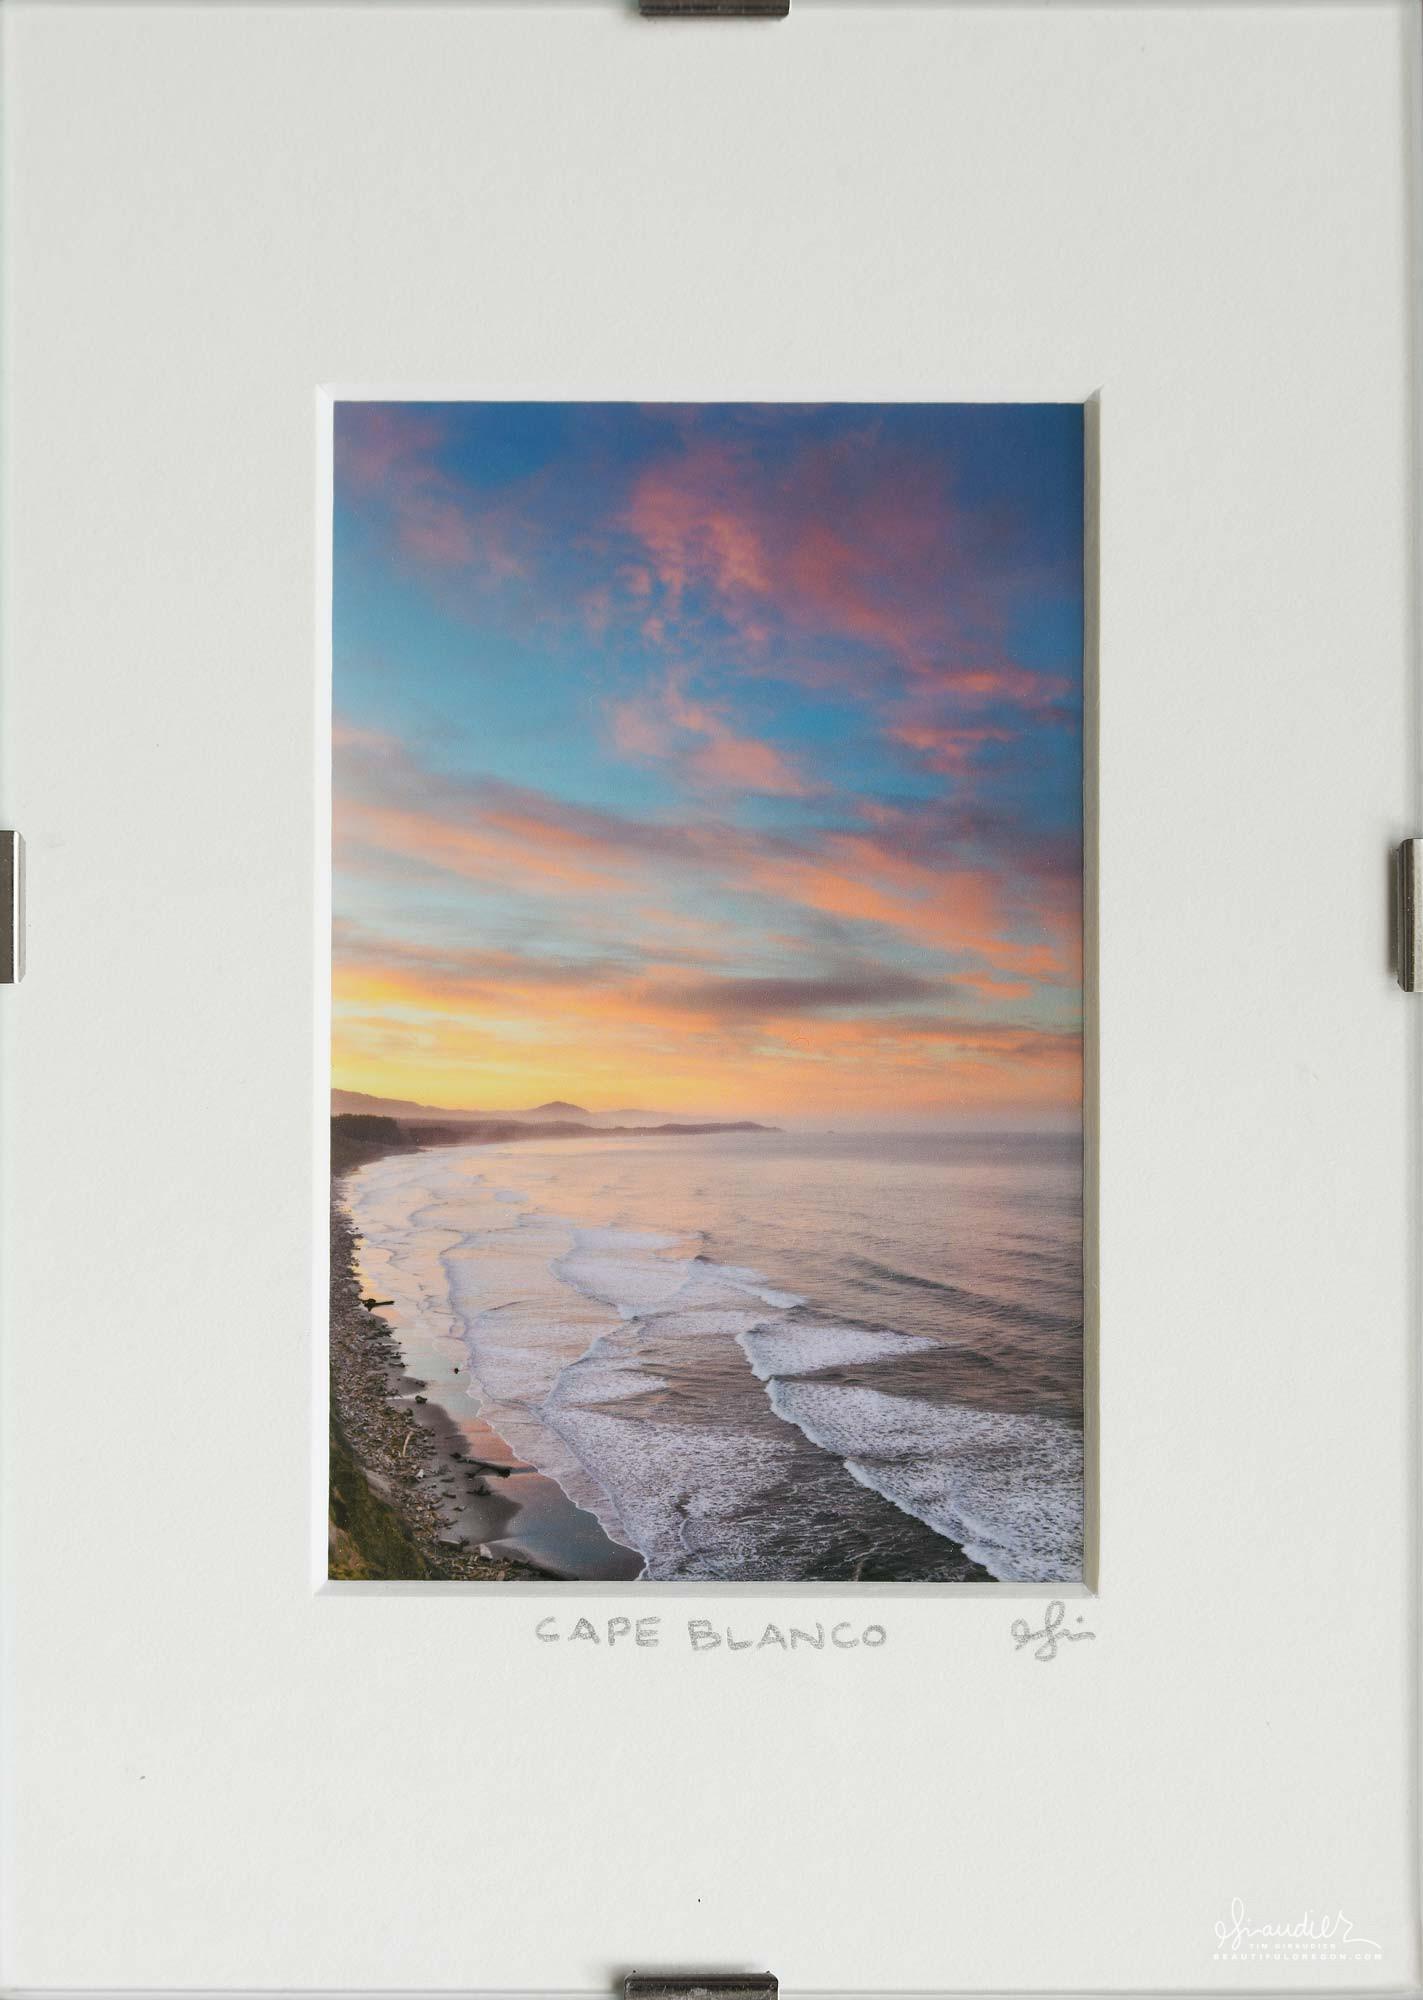 Cape Blanco sunrise. Curry County, Oregon south coast.